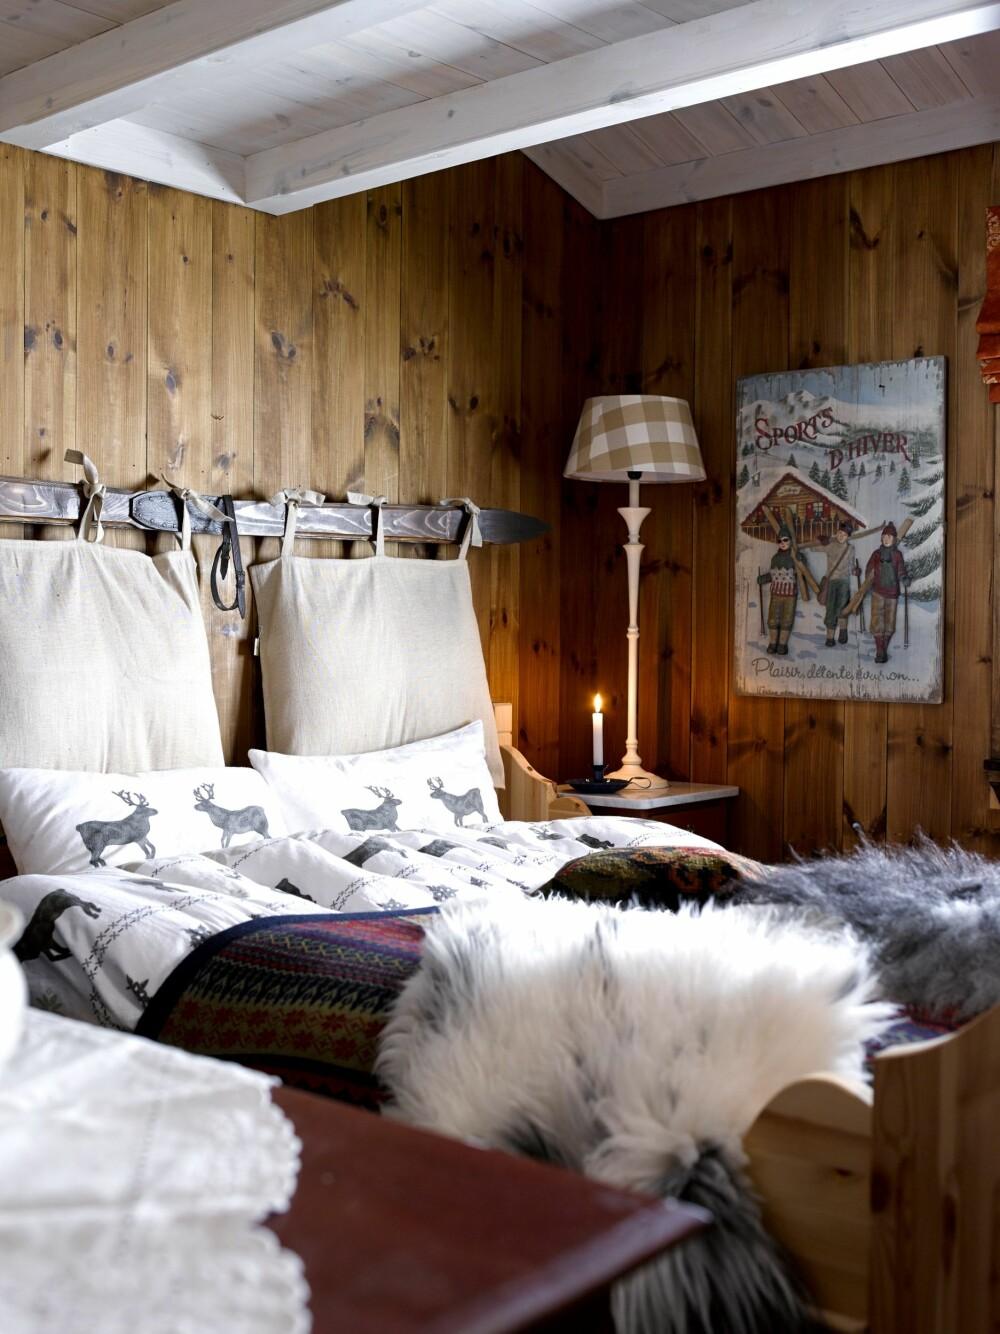 Ski til oppheng: Henger du opp en gammel ski, kan du knytte på gode puter og slik få et sjarmerende og behagelig hodegjerde.